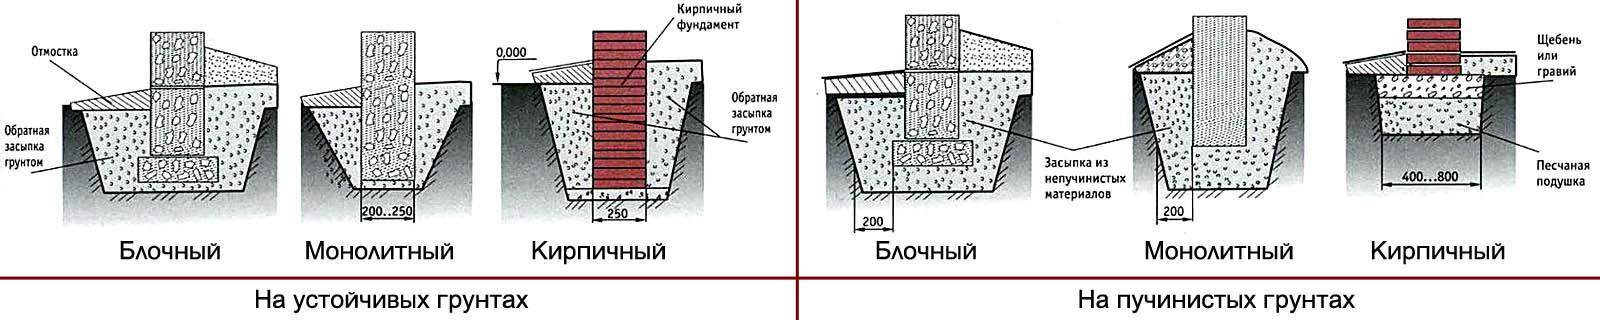 Конструкции фундаментов, пригодные для террас